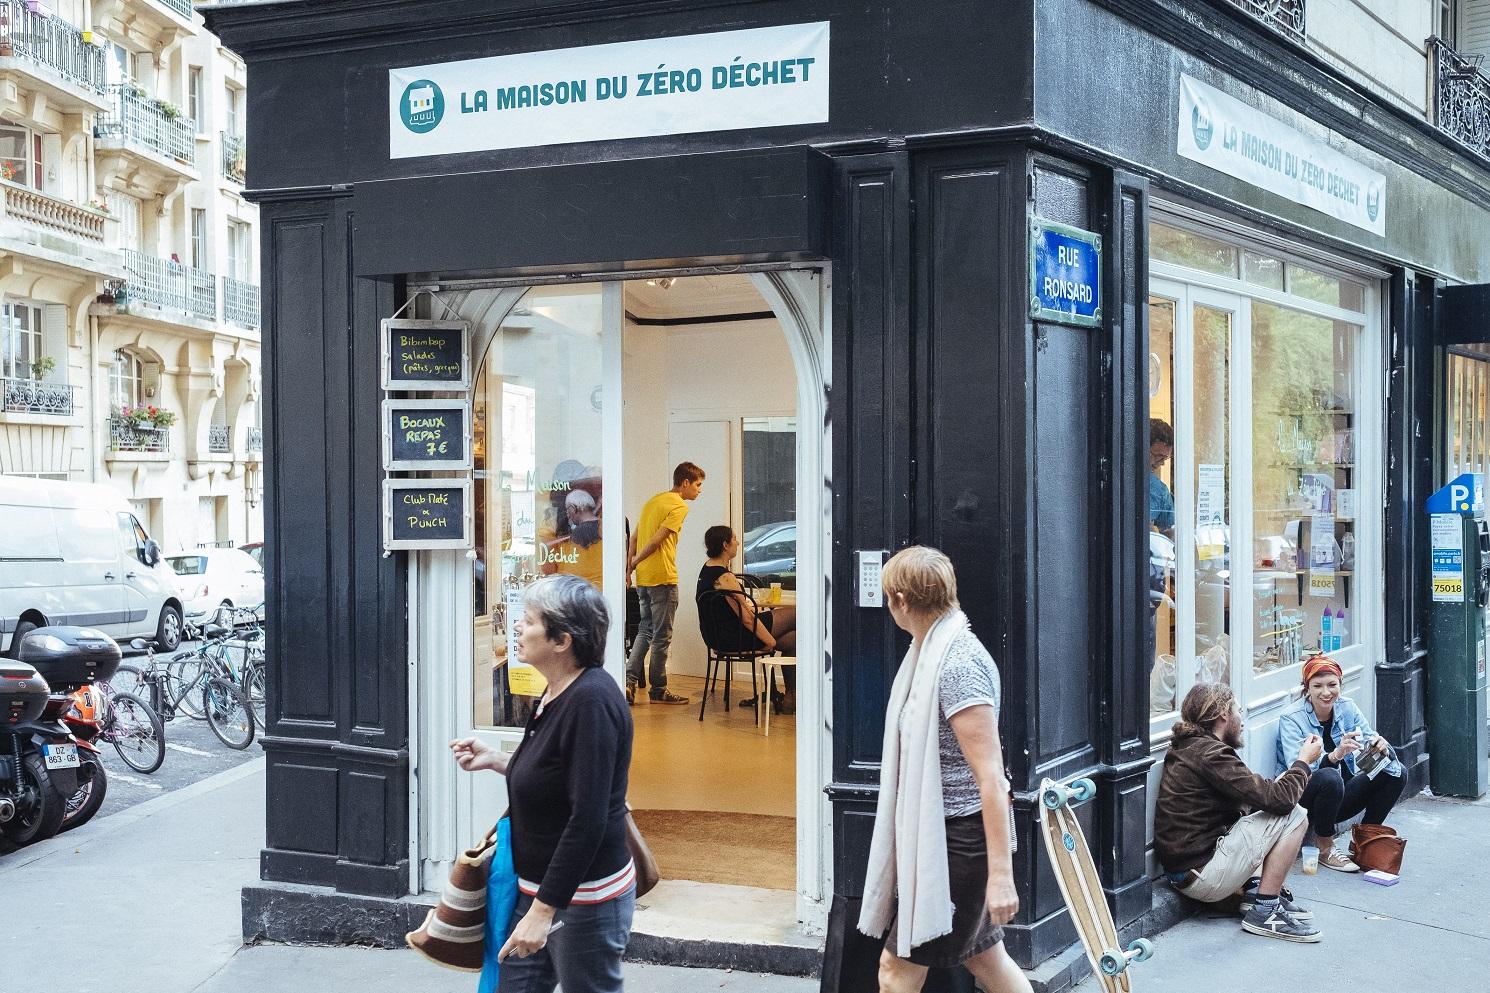 nauguração da Casa Lixo Zero, em Paris. Foto DENIS MEYER / HANS LUCAS